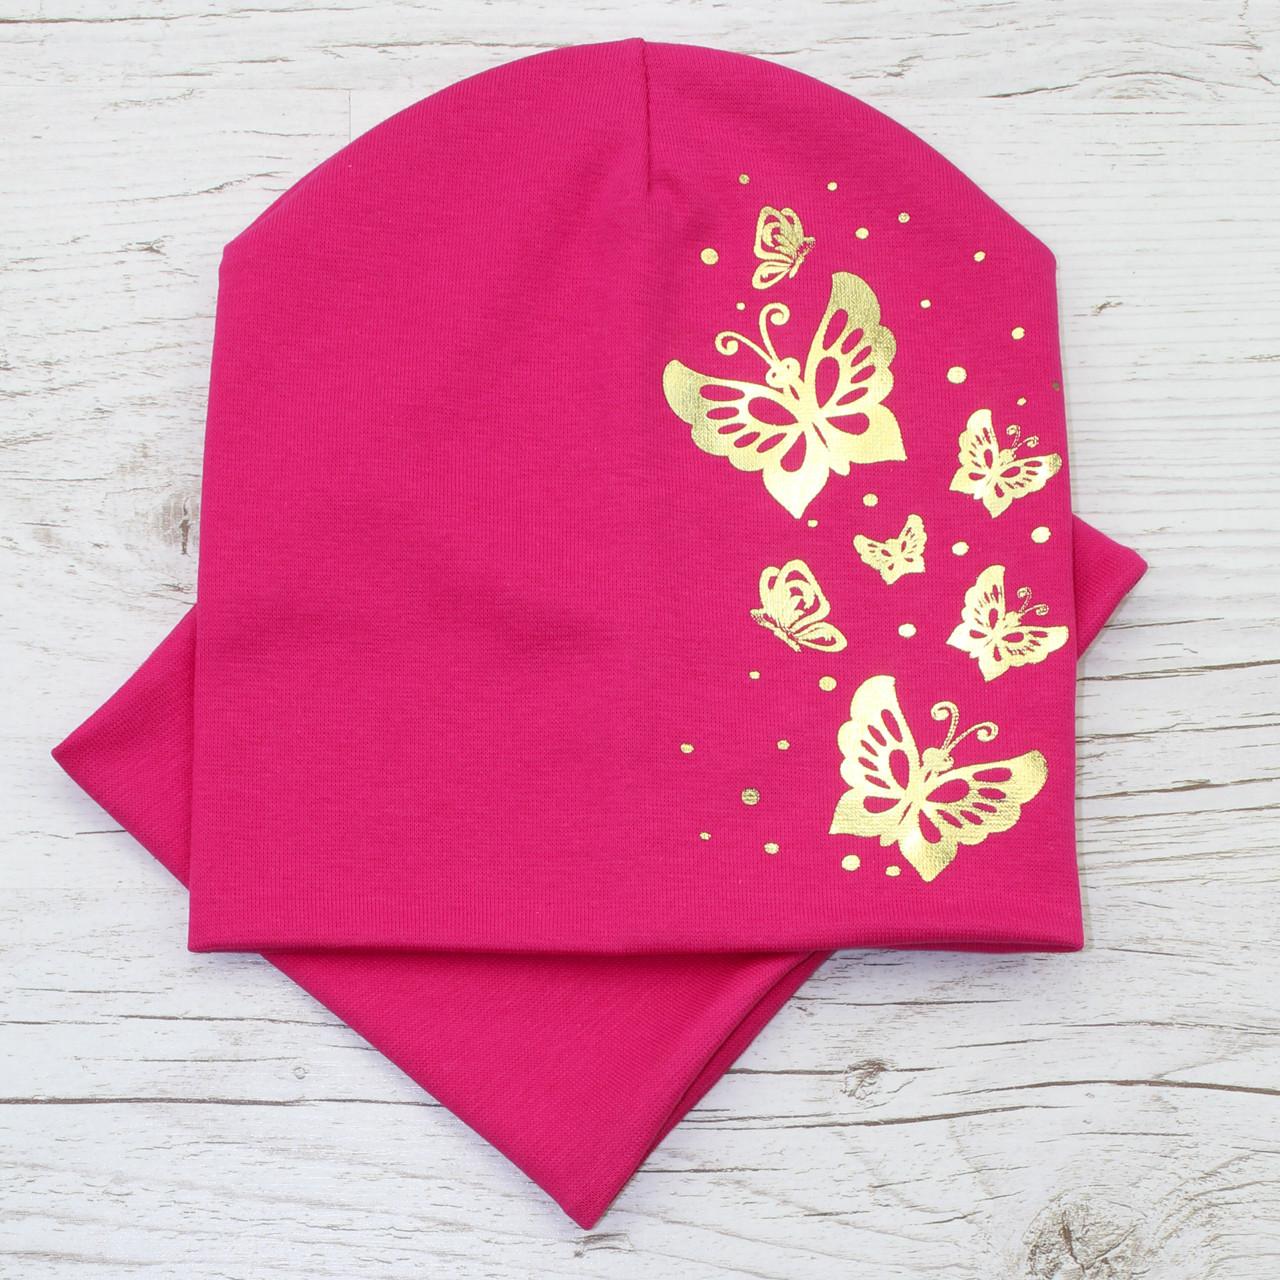 Весенняя детская трикотажная шапка комплект малина 52-56р.